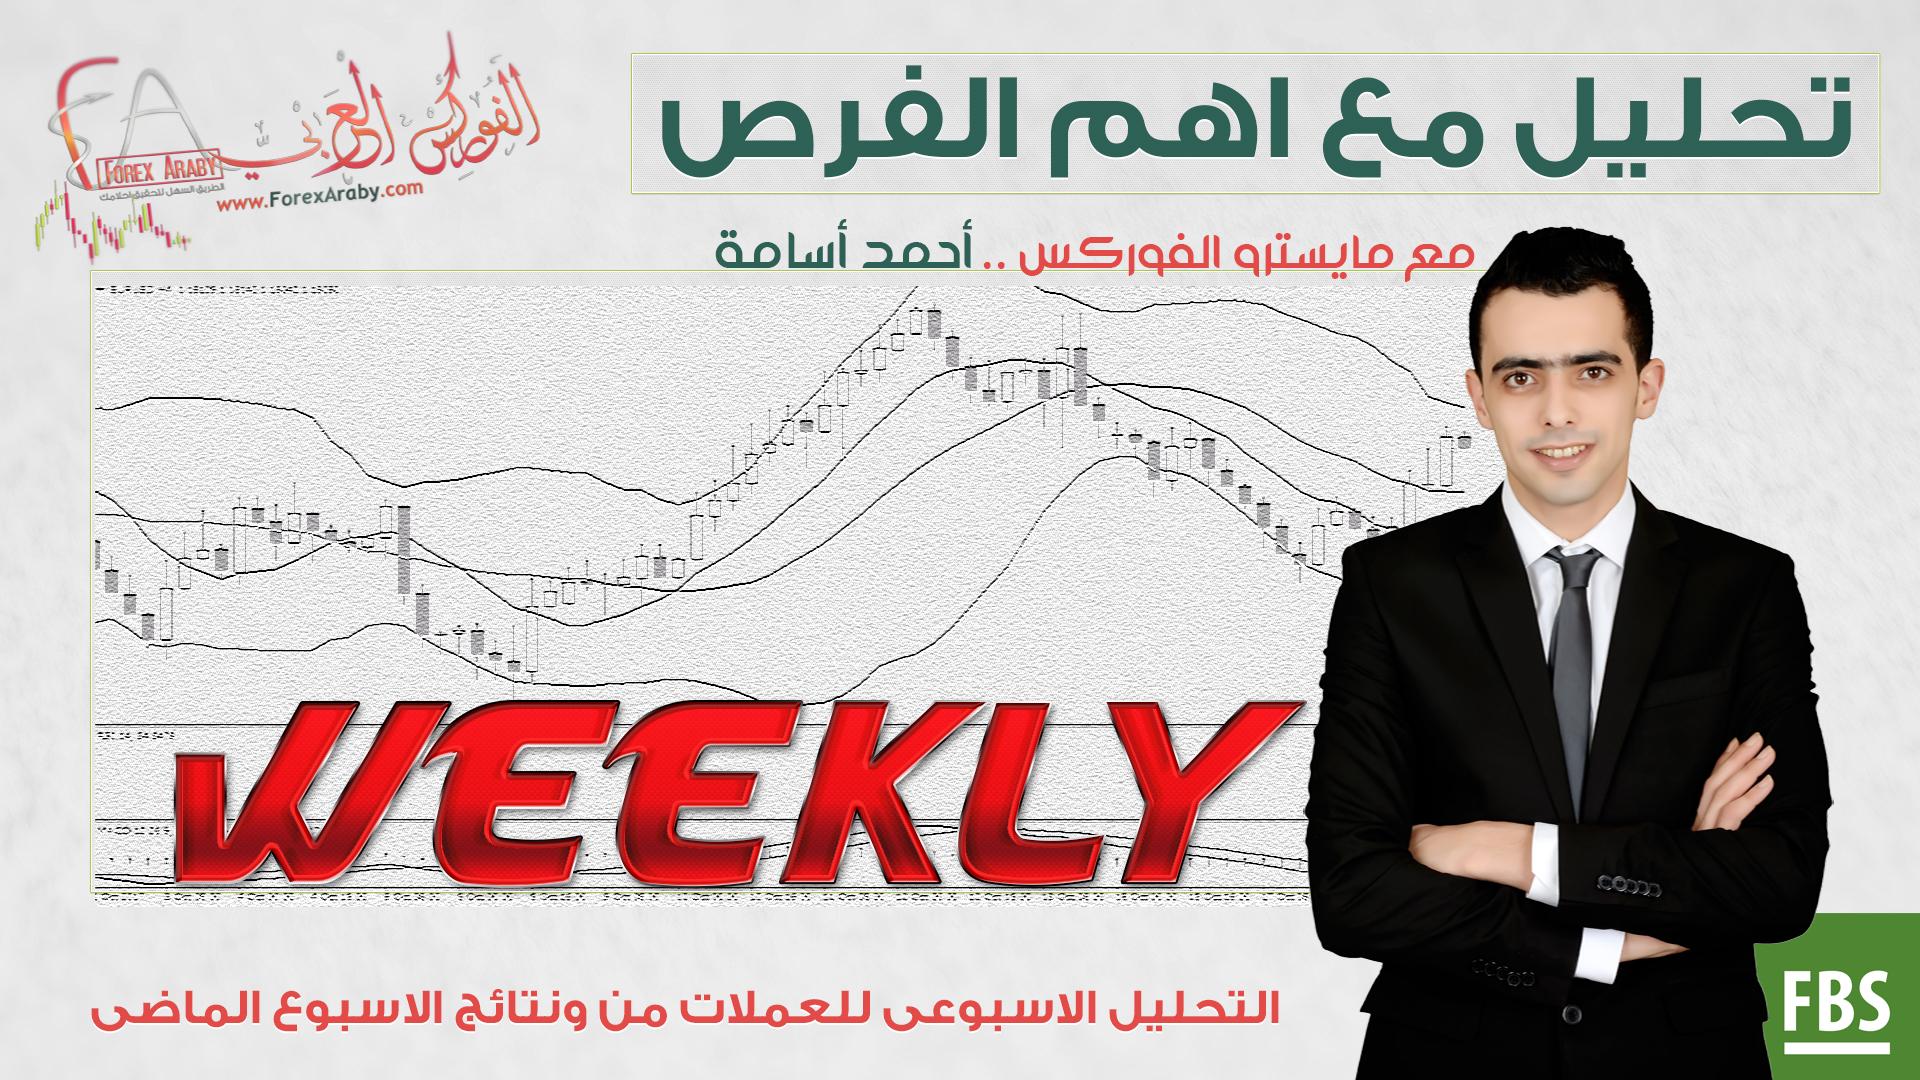 التحليل الاسبوعى للعملات من 5 حتى 9 مارس ونتائج الاسبوع الماضى